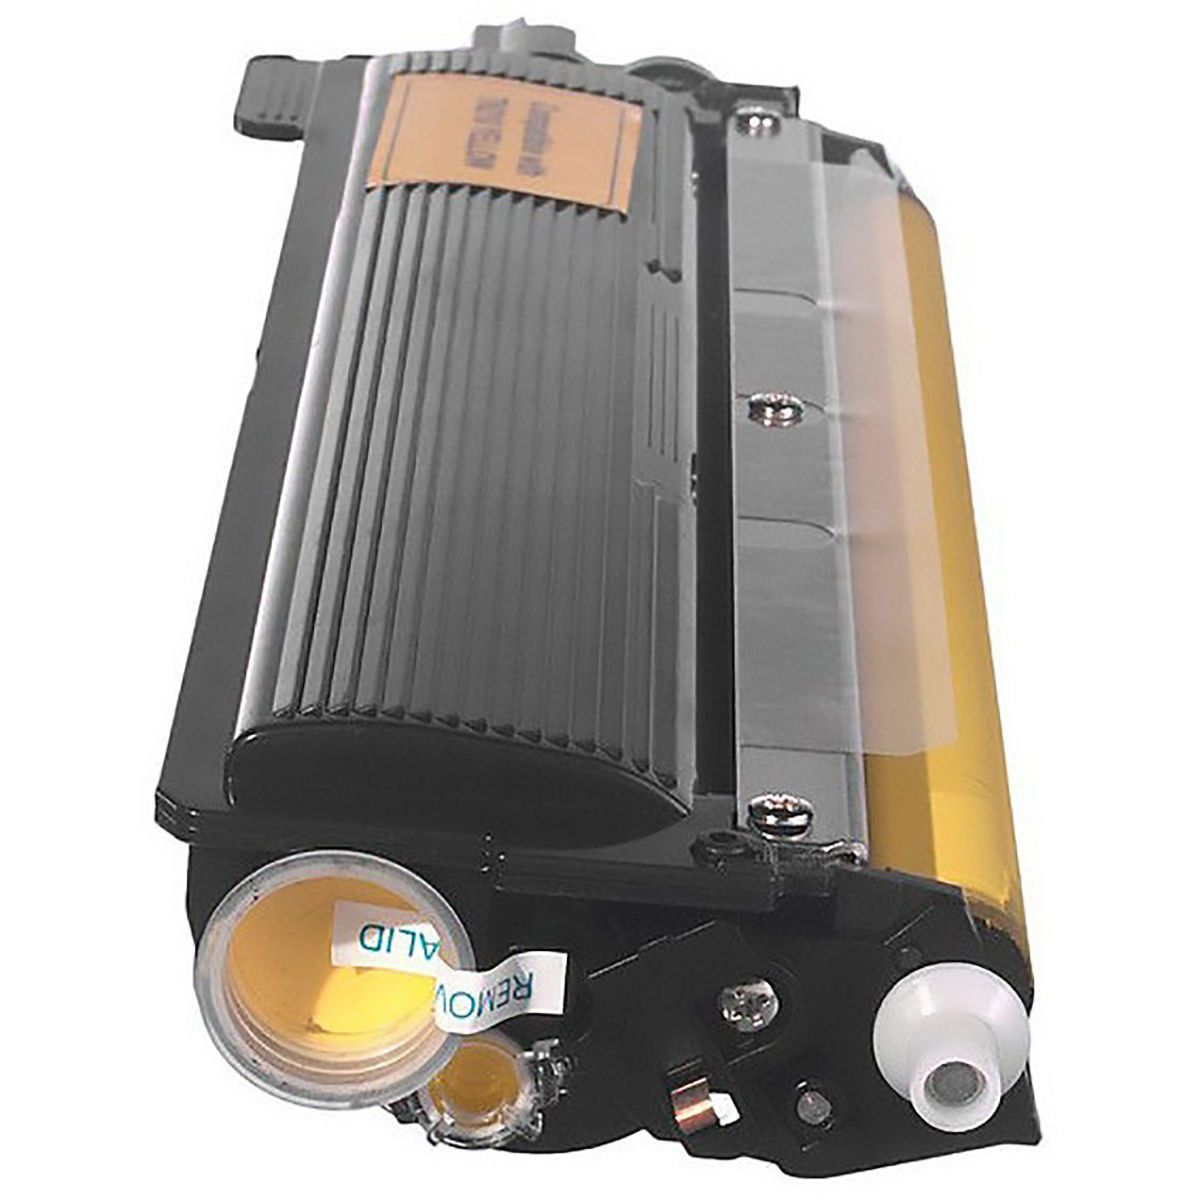 Compatível: Toner TN210 para Brother HL-3040cn Hl-3070cw MFC-9320cw MFC-9010cn MFC-9120cn MFC9010 / Amarelo / 1.400